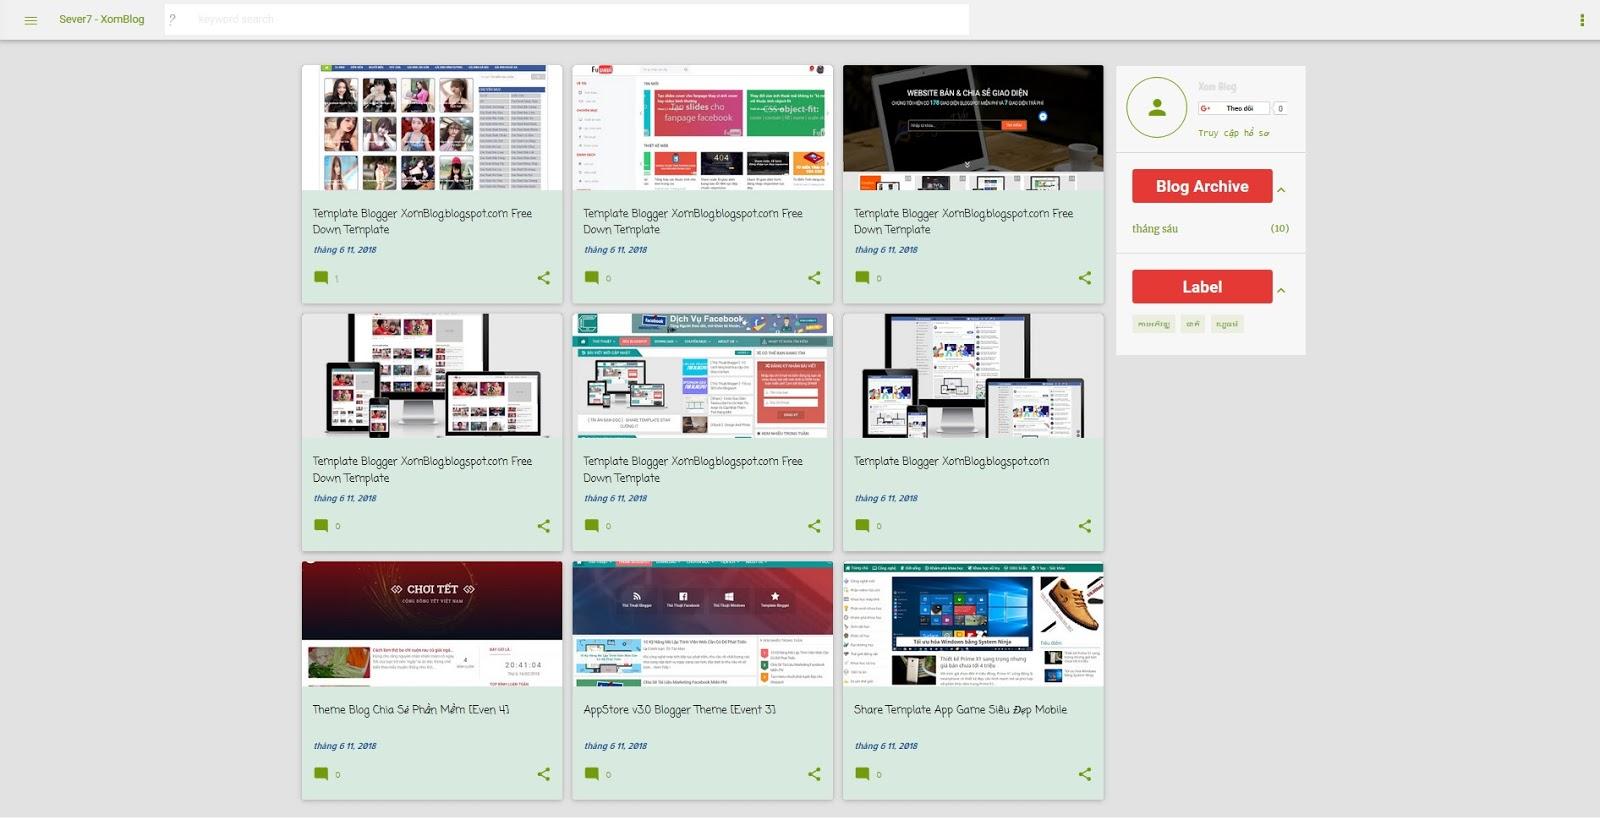 Redesgin Template Emperior xomblog.blogpsot.com